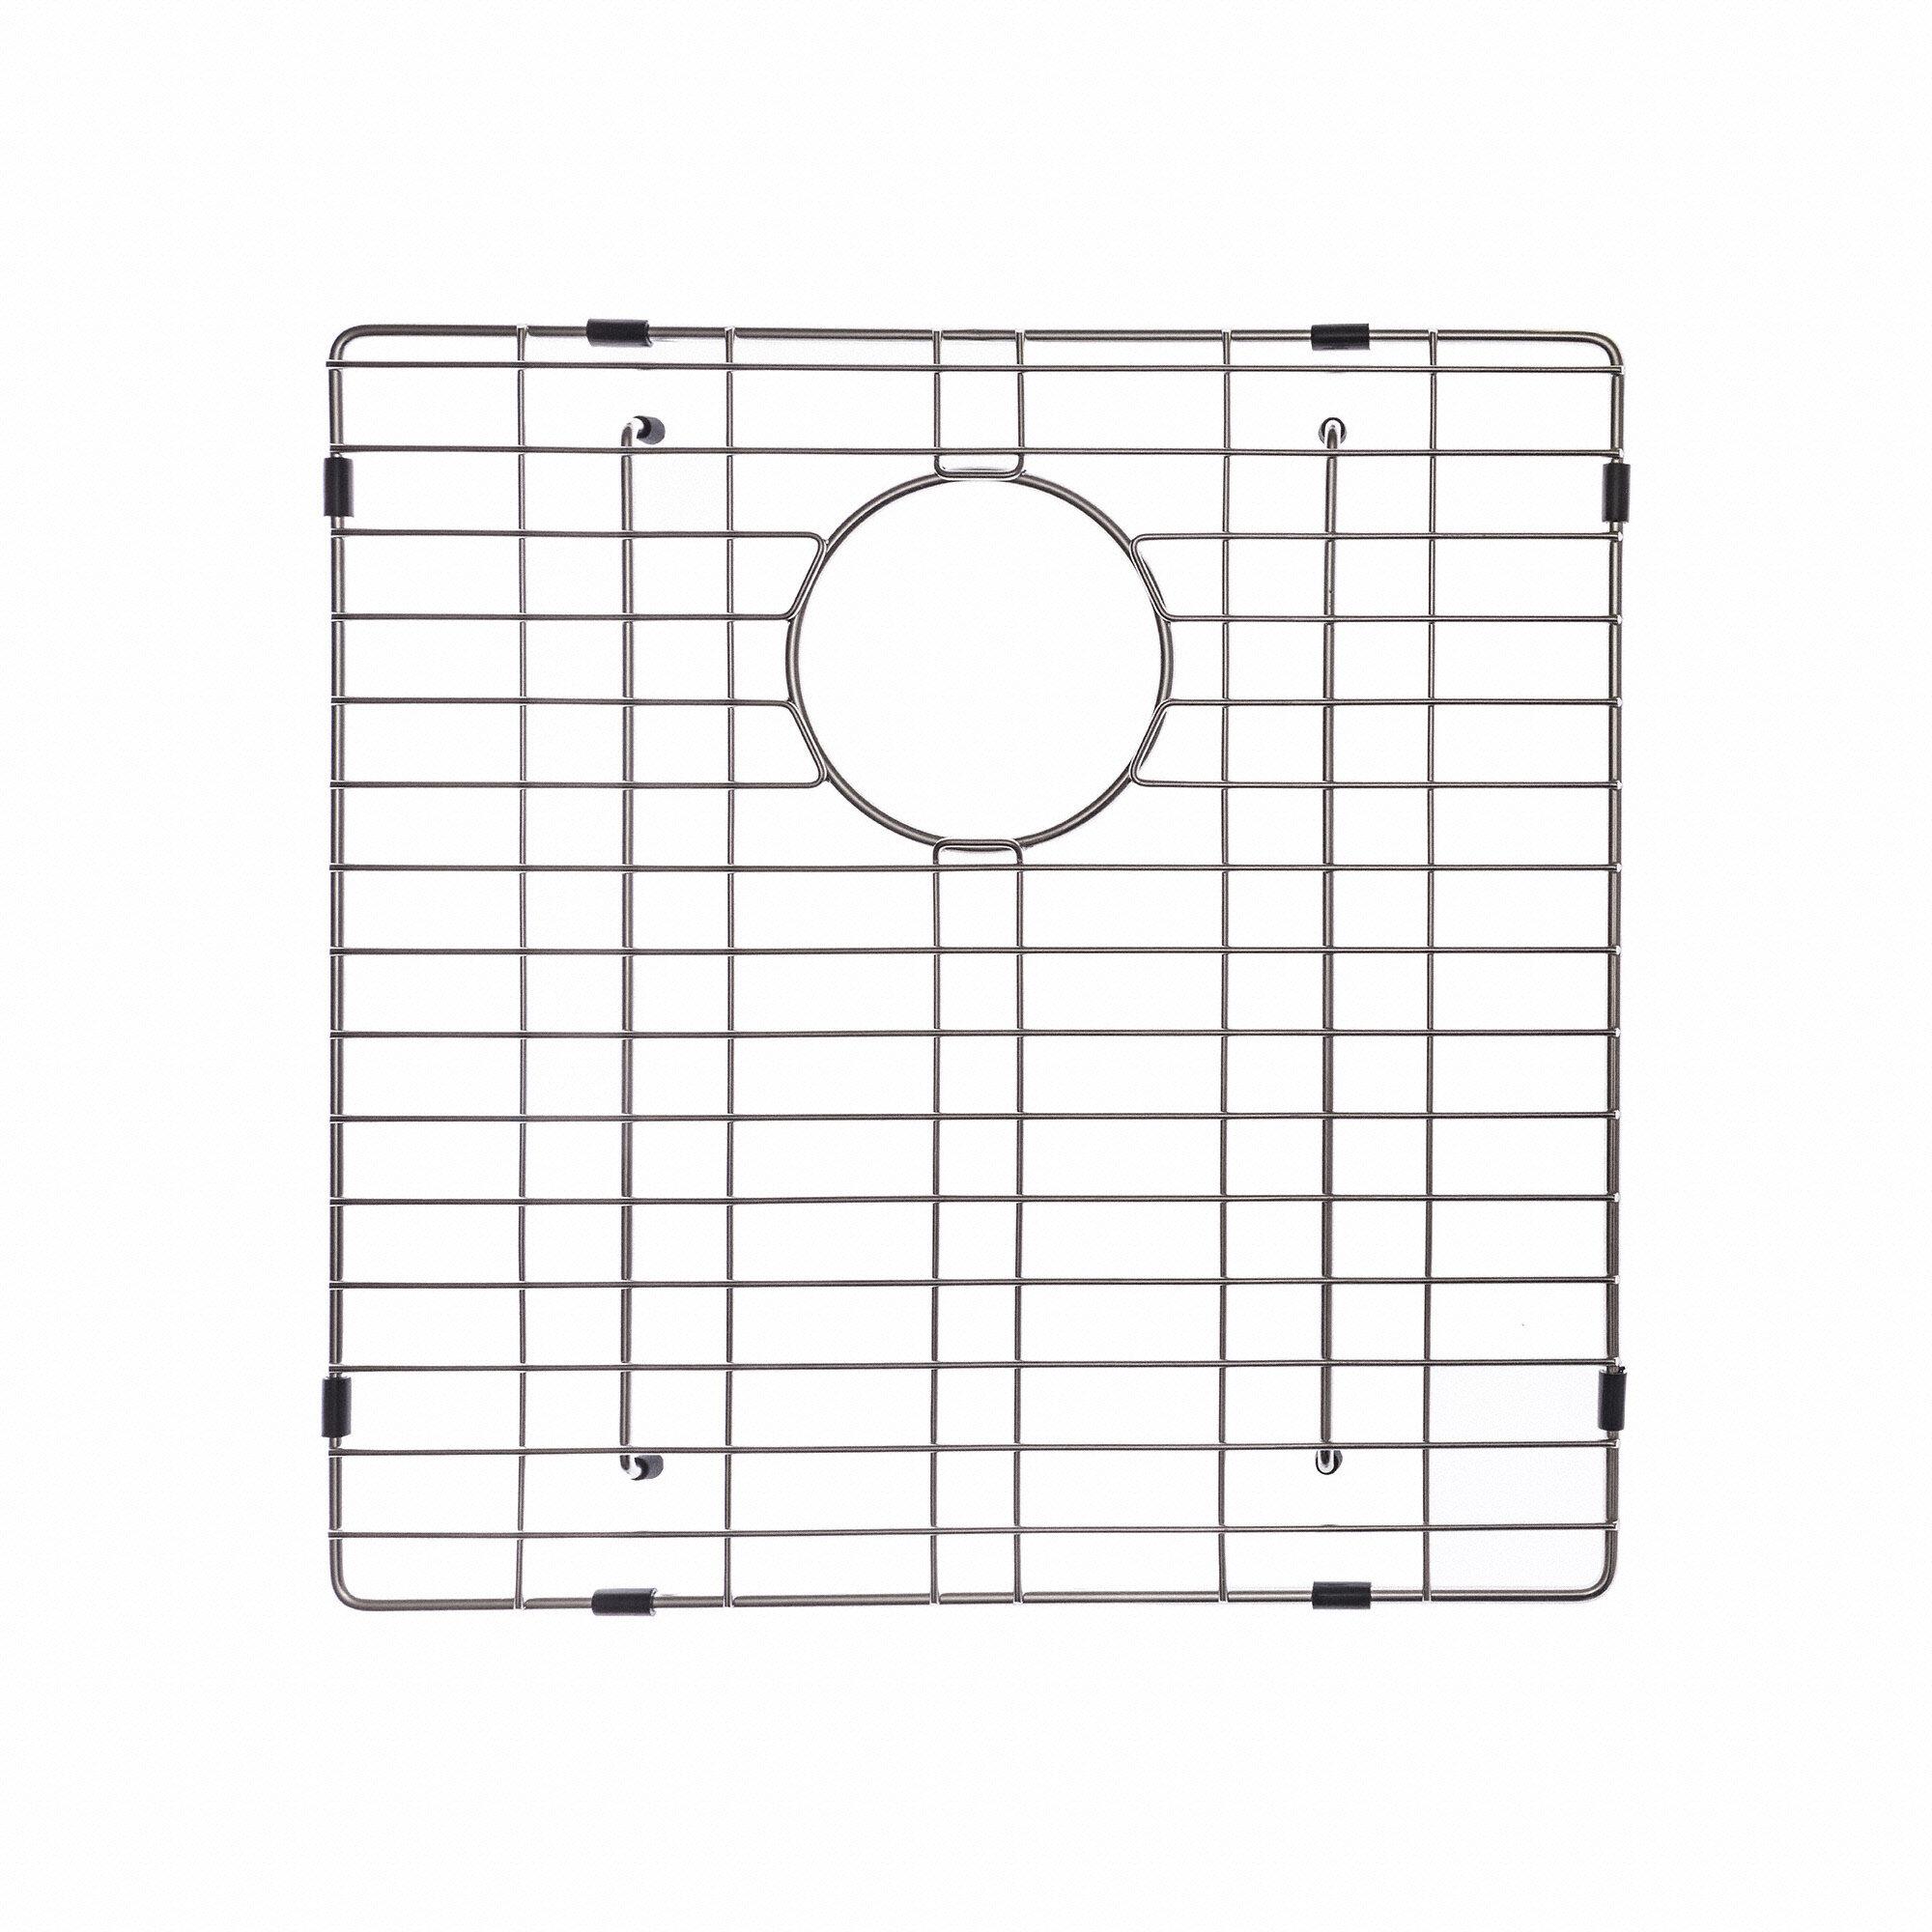 KBG-103-33-1 Stainless Steel 17